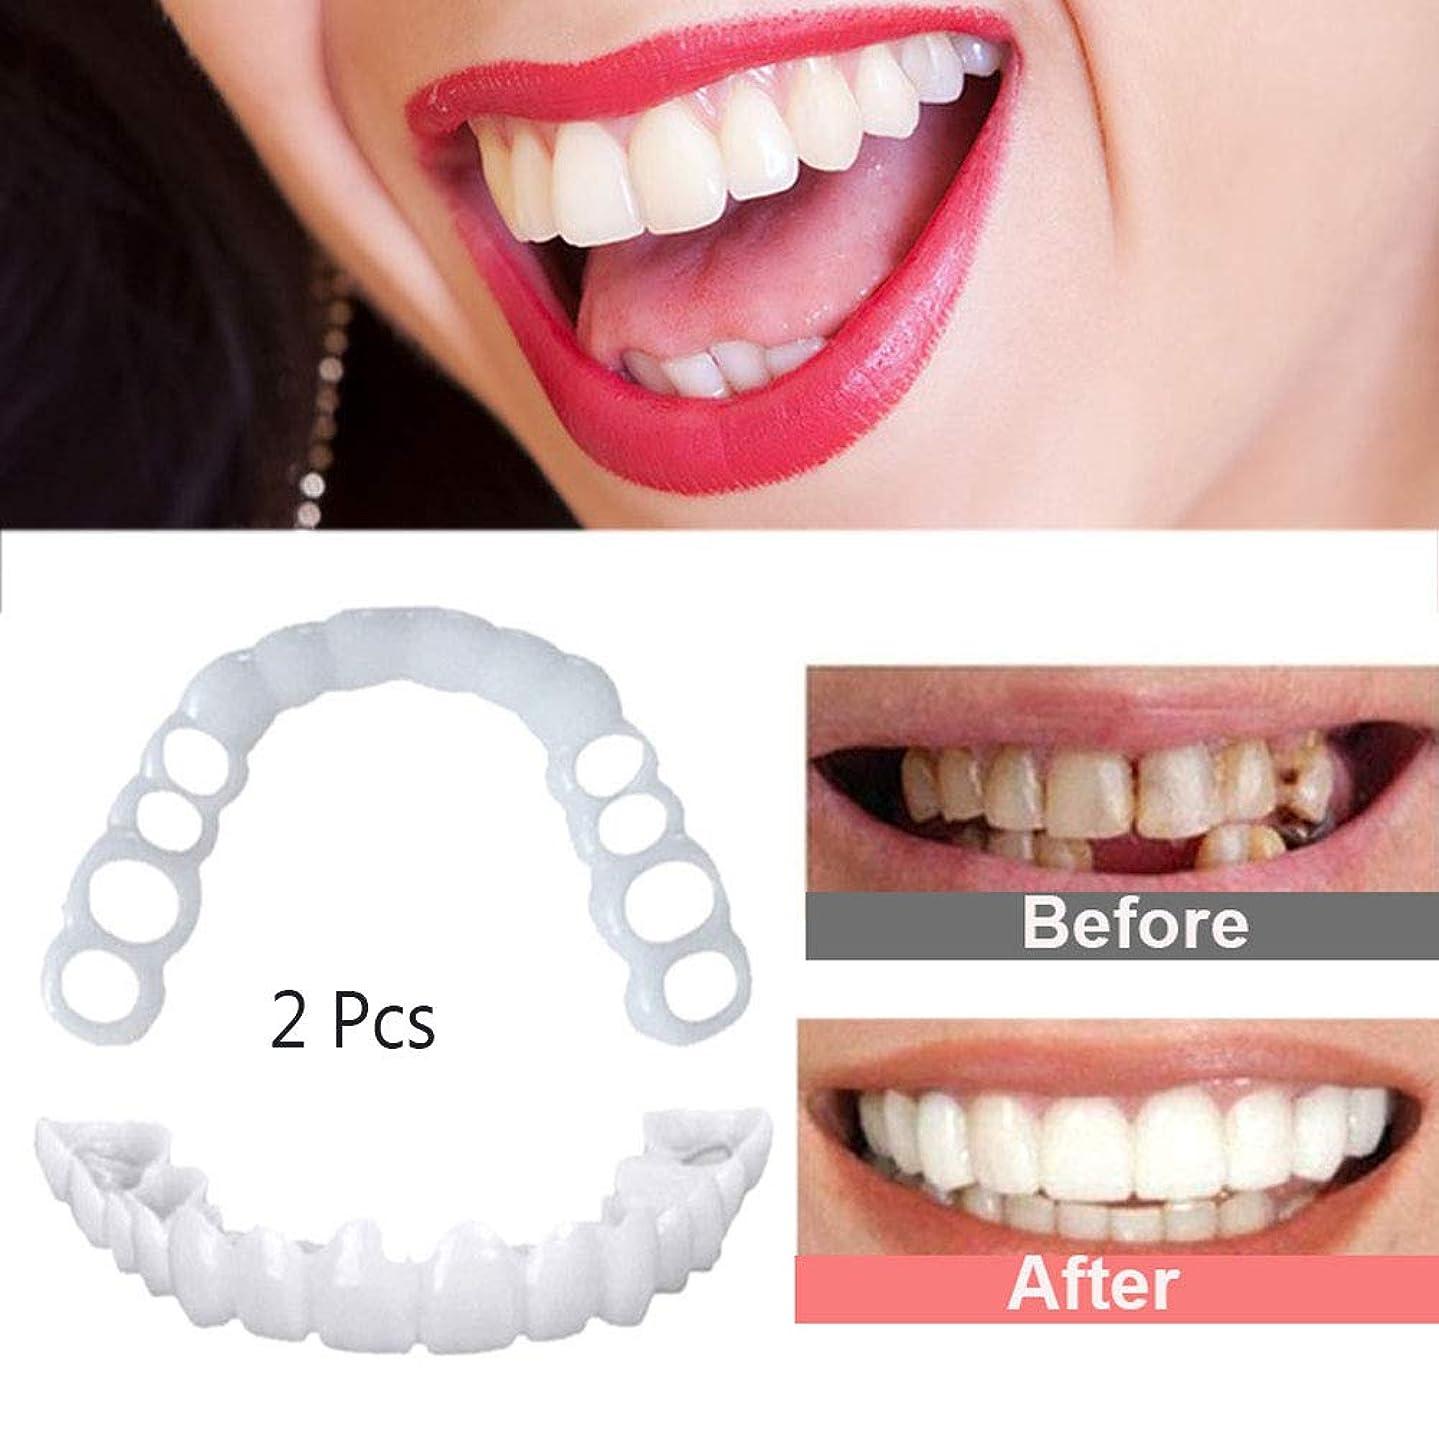 ルアー最後のもの偽の歯パーフェクトフィットスナップを笑顔に美白笑顔化粧品快適なベニヤカバー偽の歯、1セット